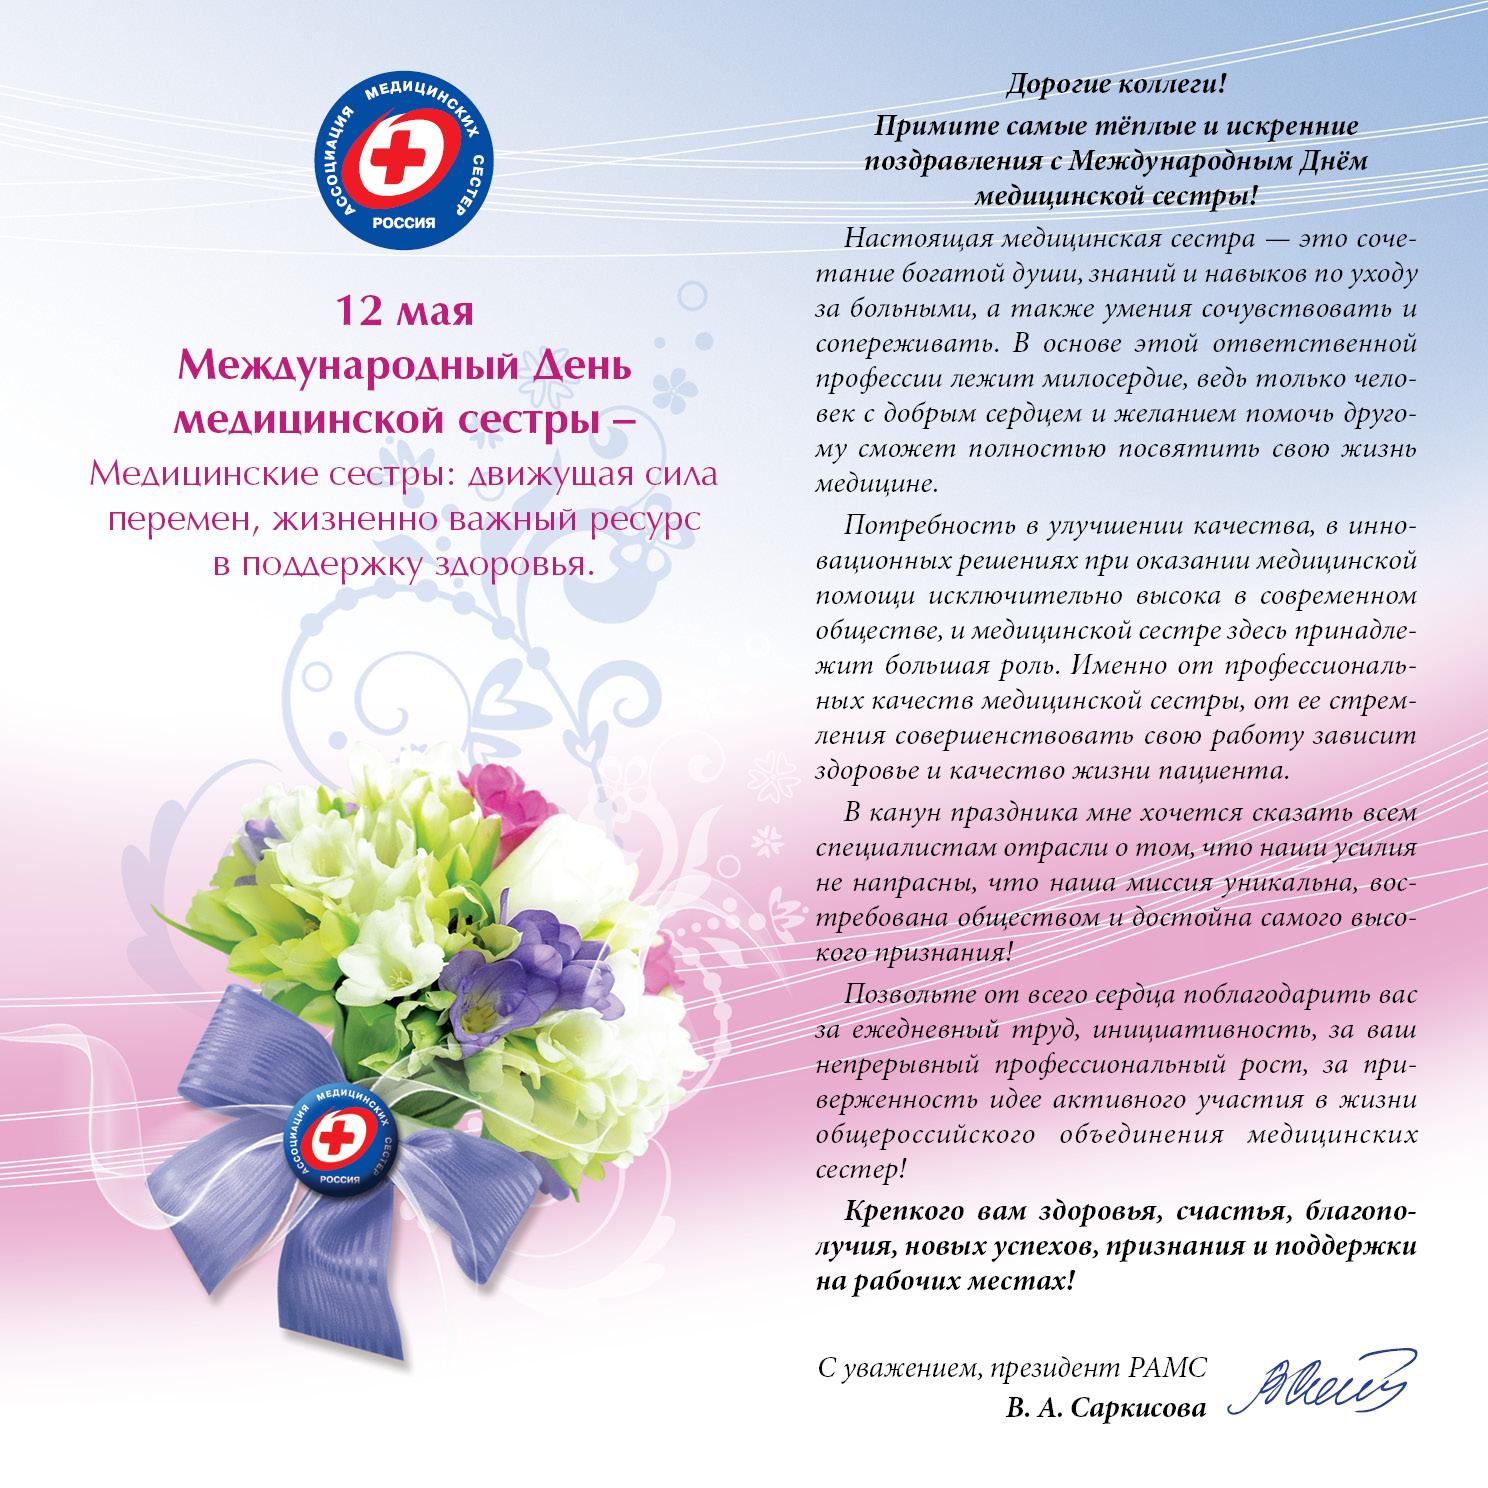 Международный день медицинской сестры - 2014